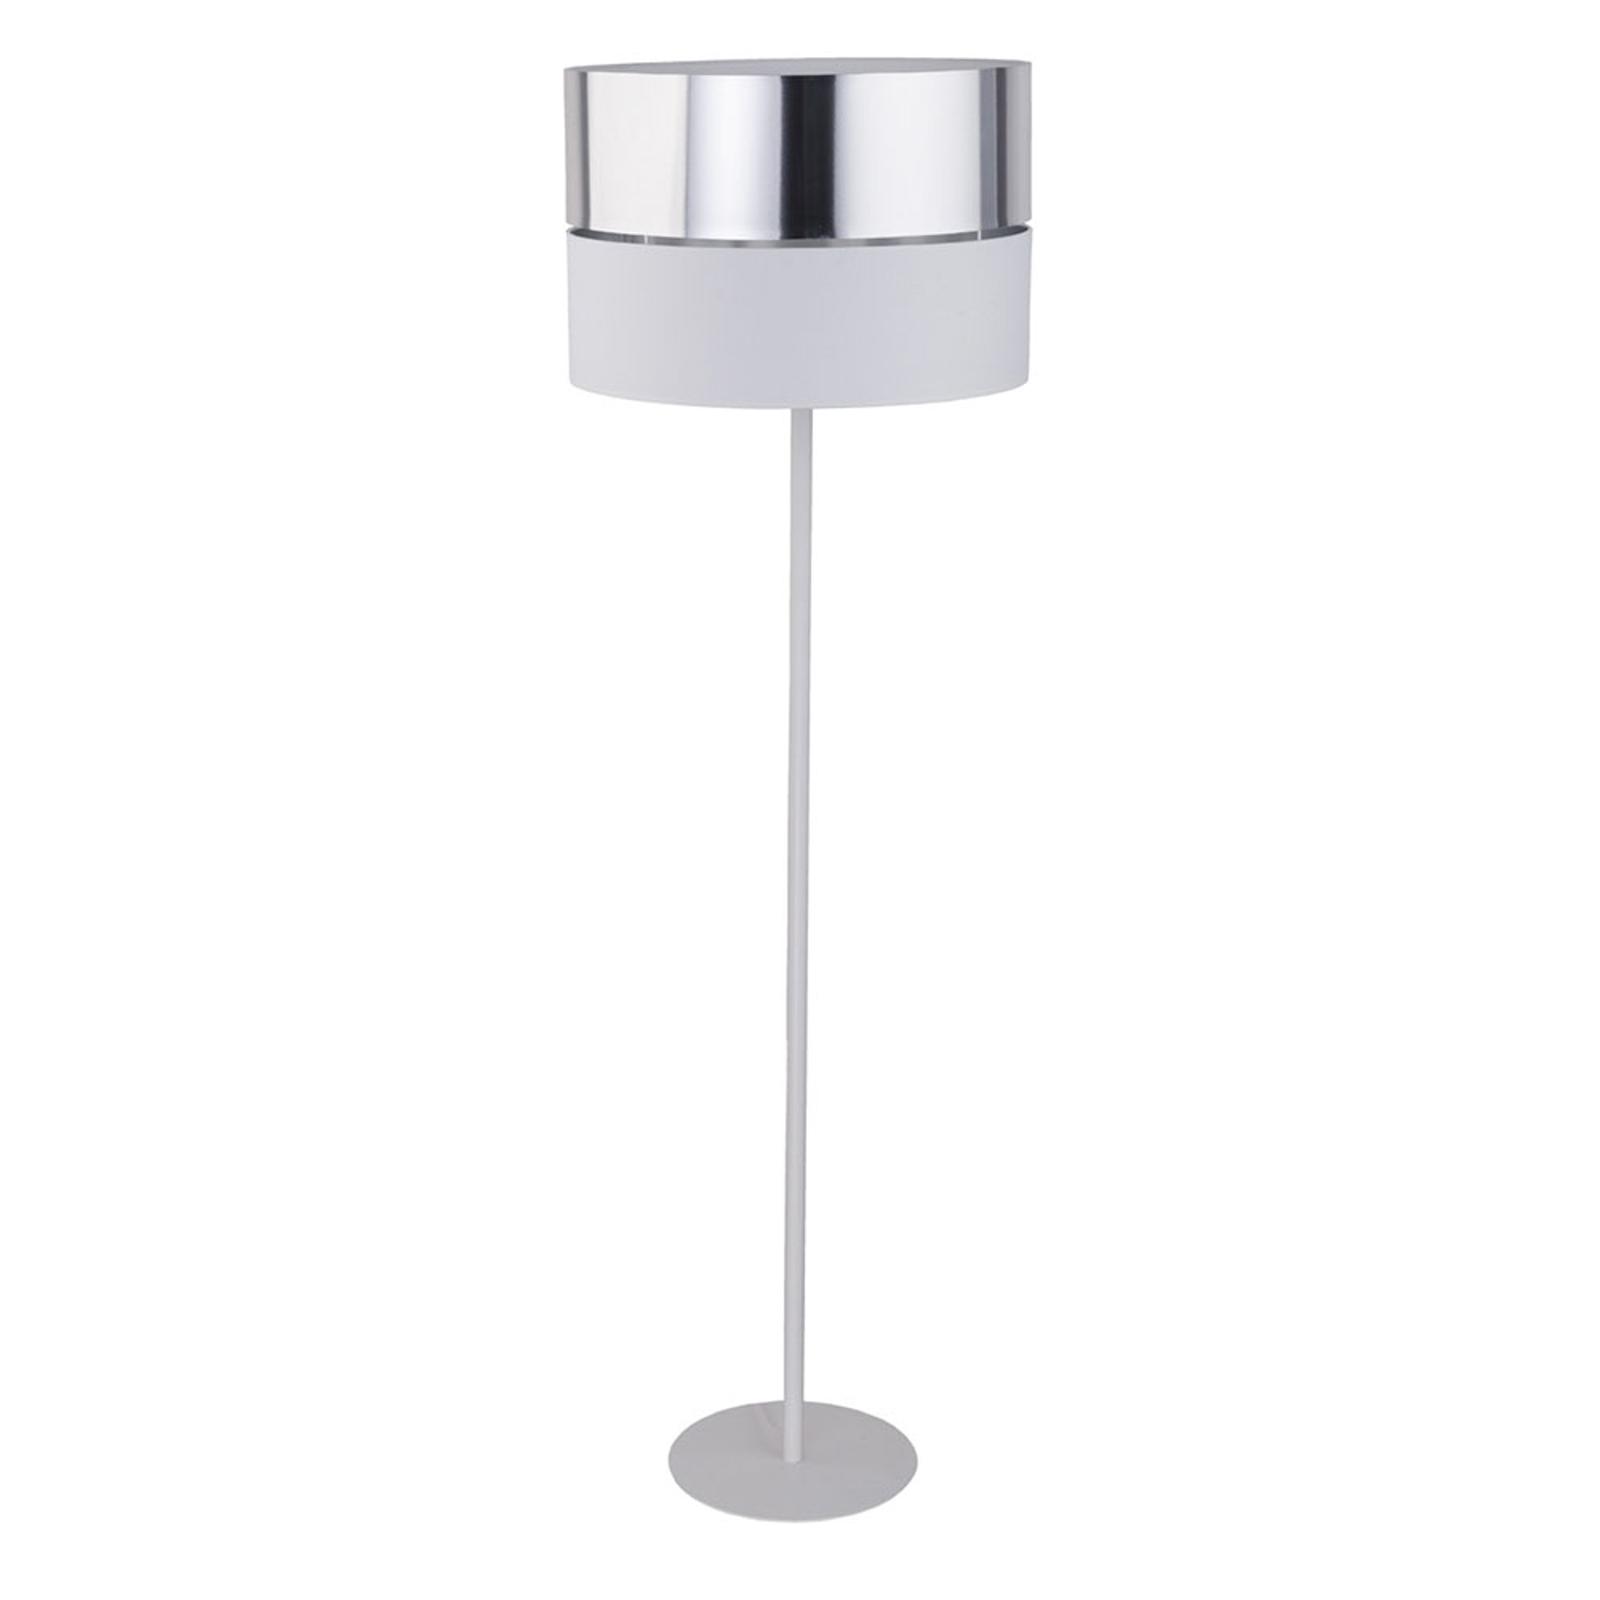 Hilton gulvlampe, hvit/sølv